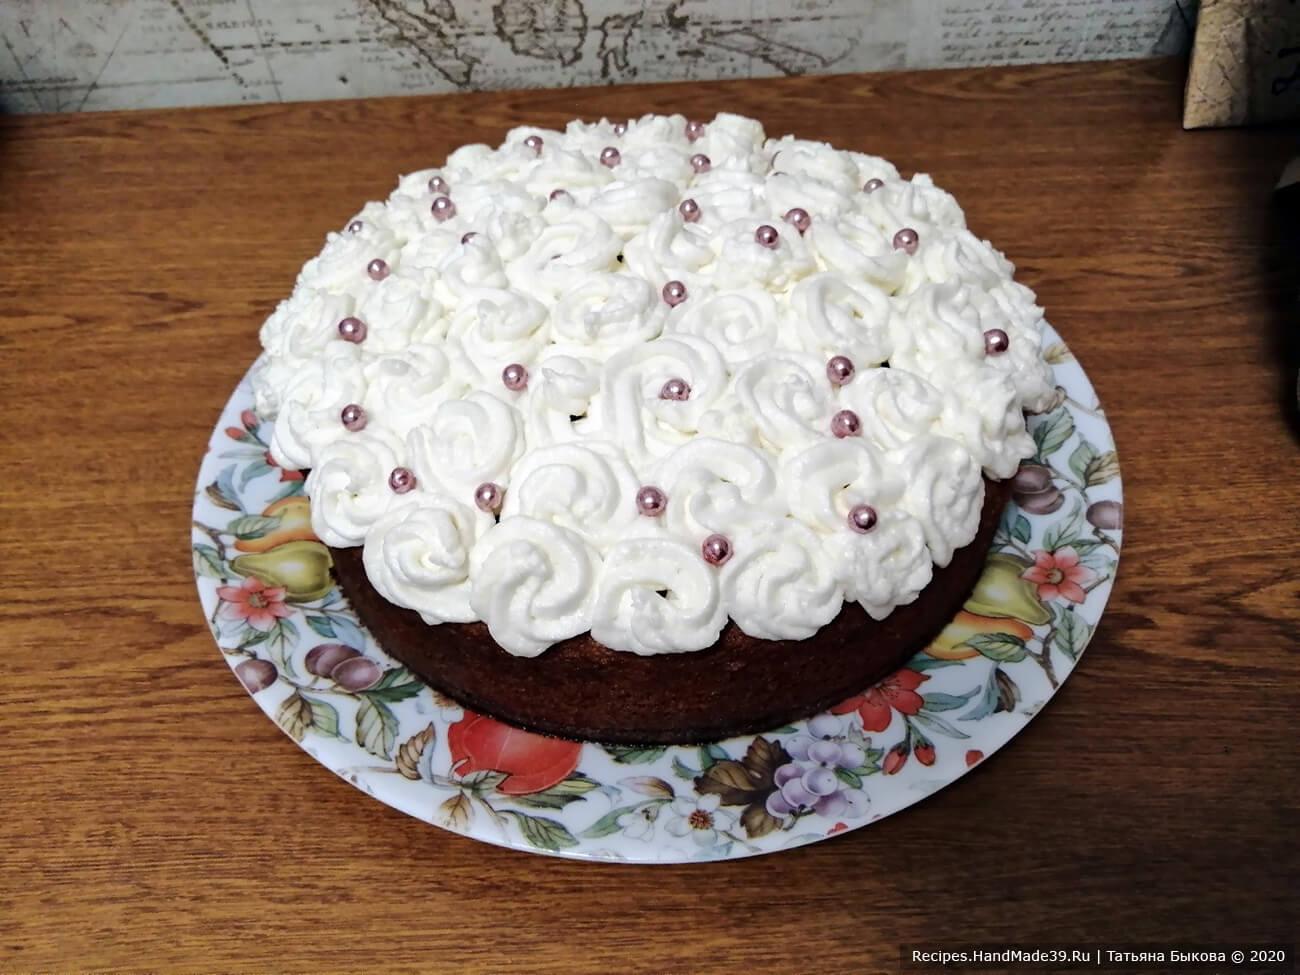 Украшаем бисквитный торт «Три молока» по своему вкусу. Приятного аппетита!